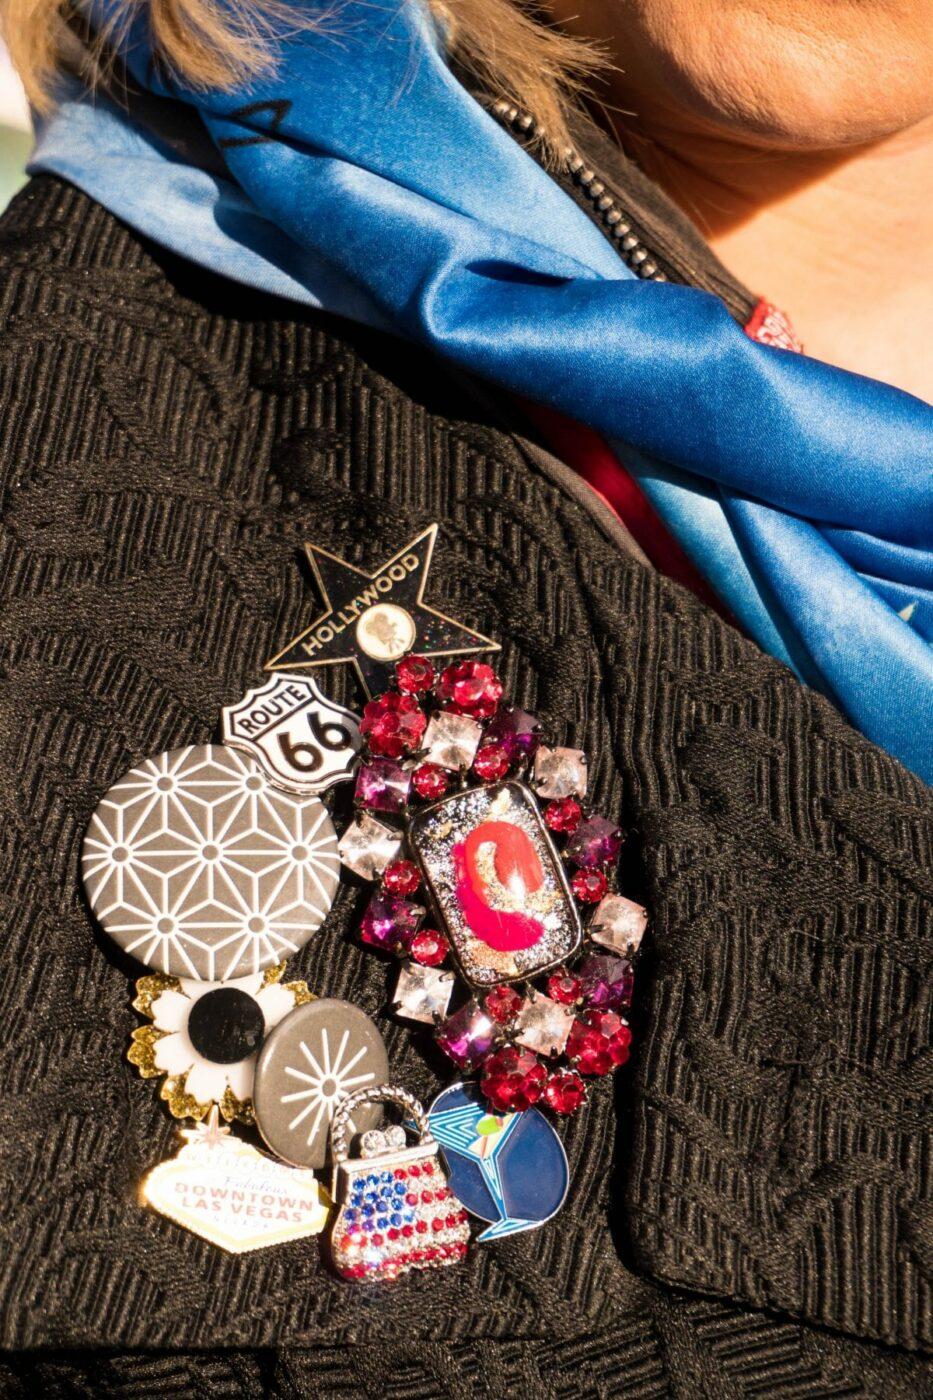 travel souvenir ideas, 3 Awesome Inspirational Fashion Travel Souvenir Ideas